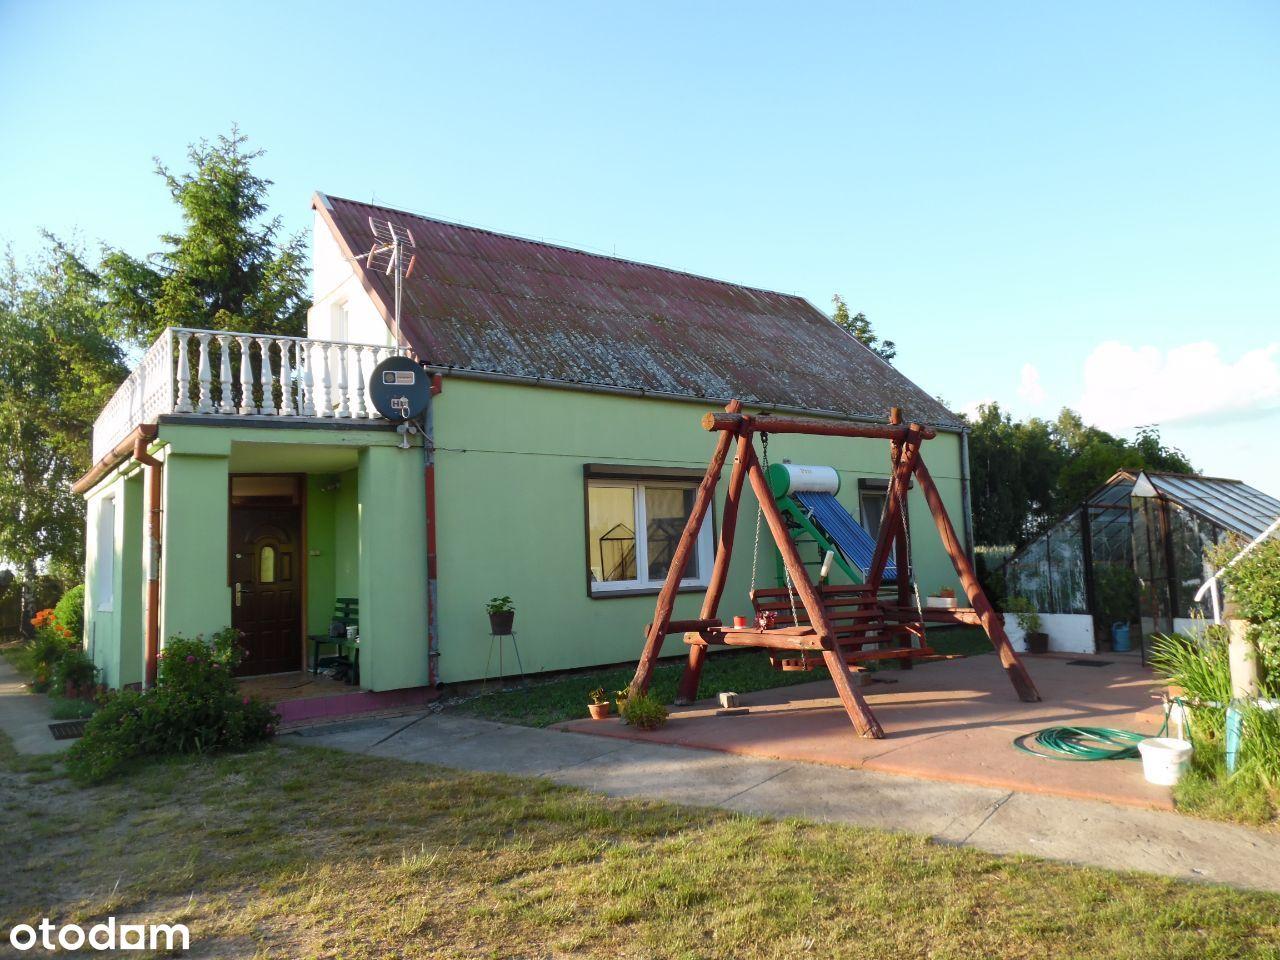 Dom jednorodzinny w spokojnej okolicy